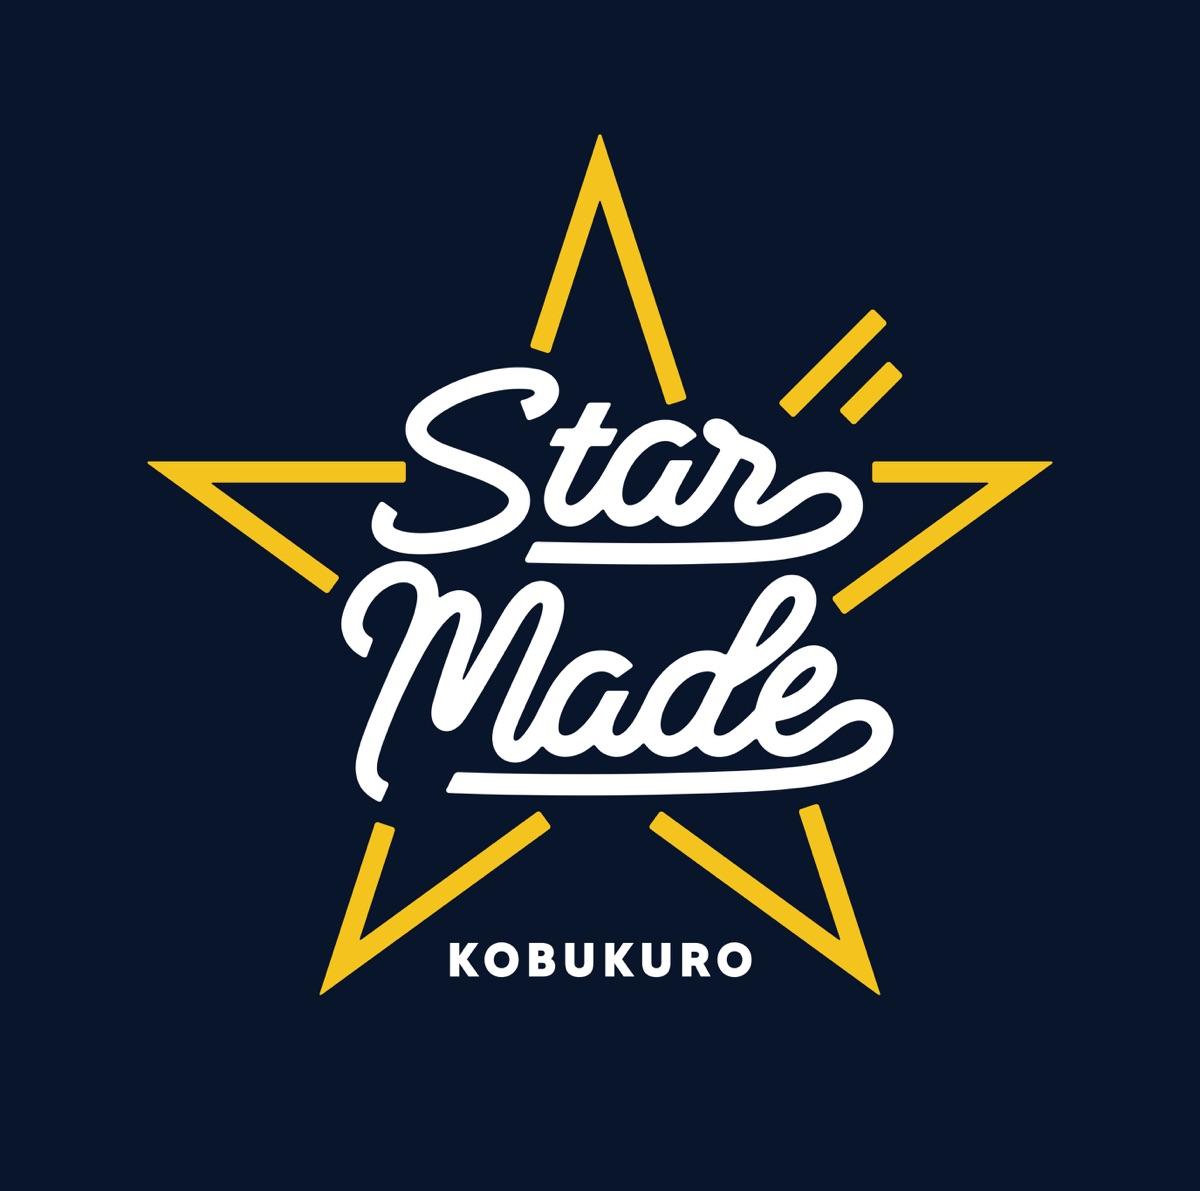 『コブクロ - Always (laughing with you.)』収録の『Star Made』ジャケット